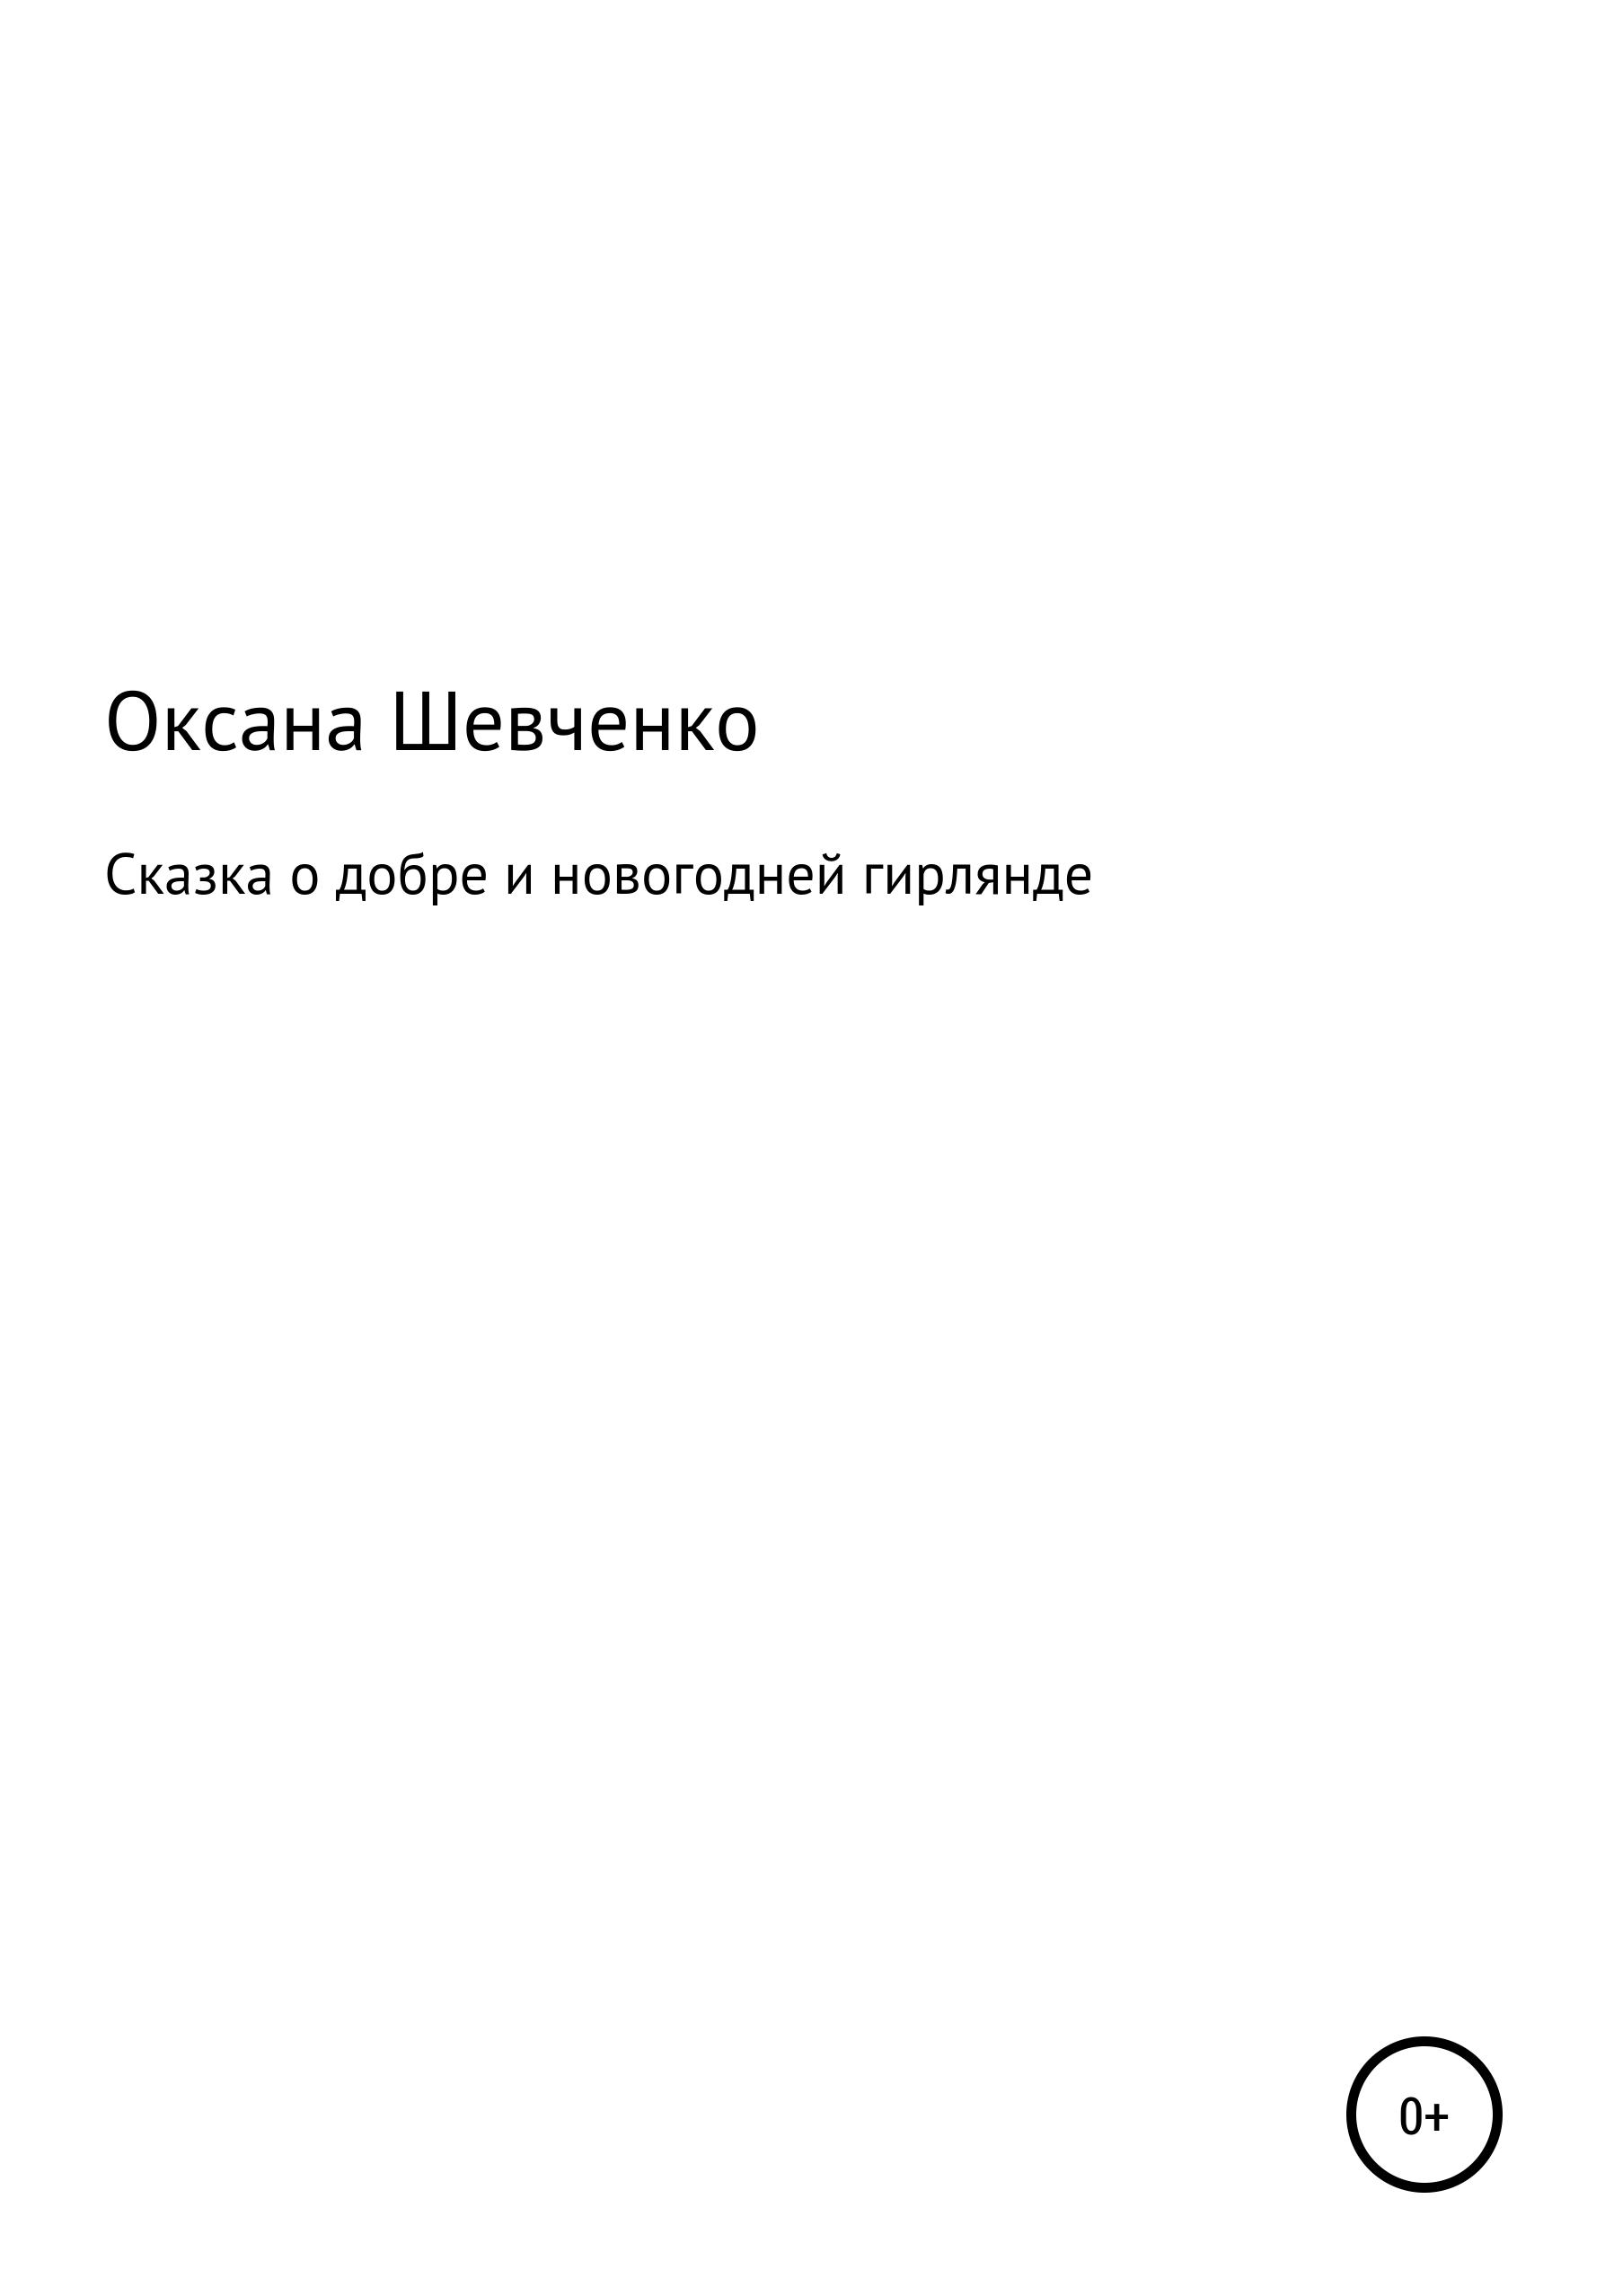 Купить книгу Сказка о добре и новогодней гирлянде, автора Оксаны Владимировны Шевченко